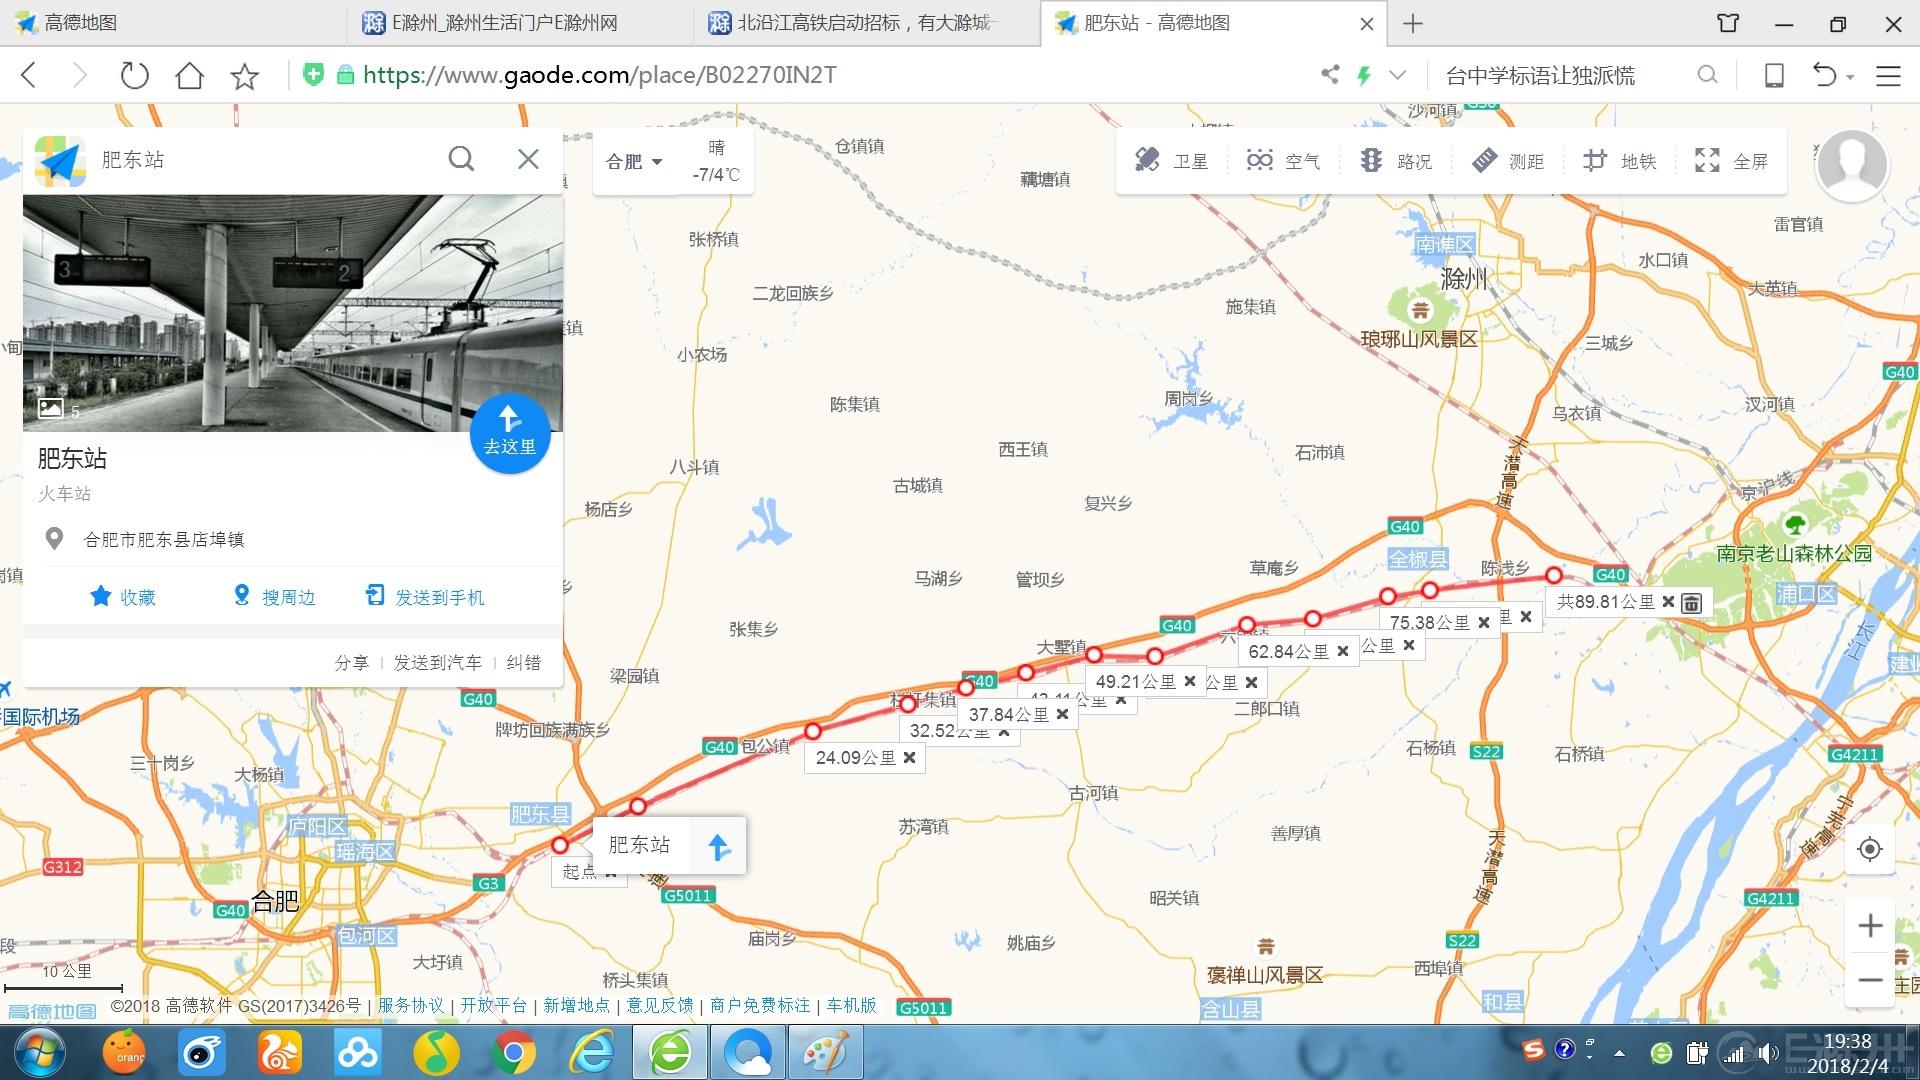 走全椒站路线预测距离.jpg